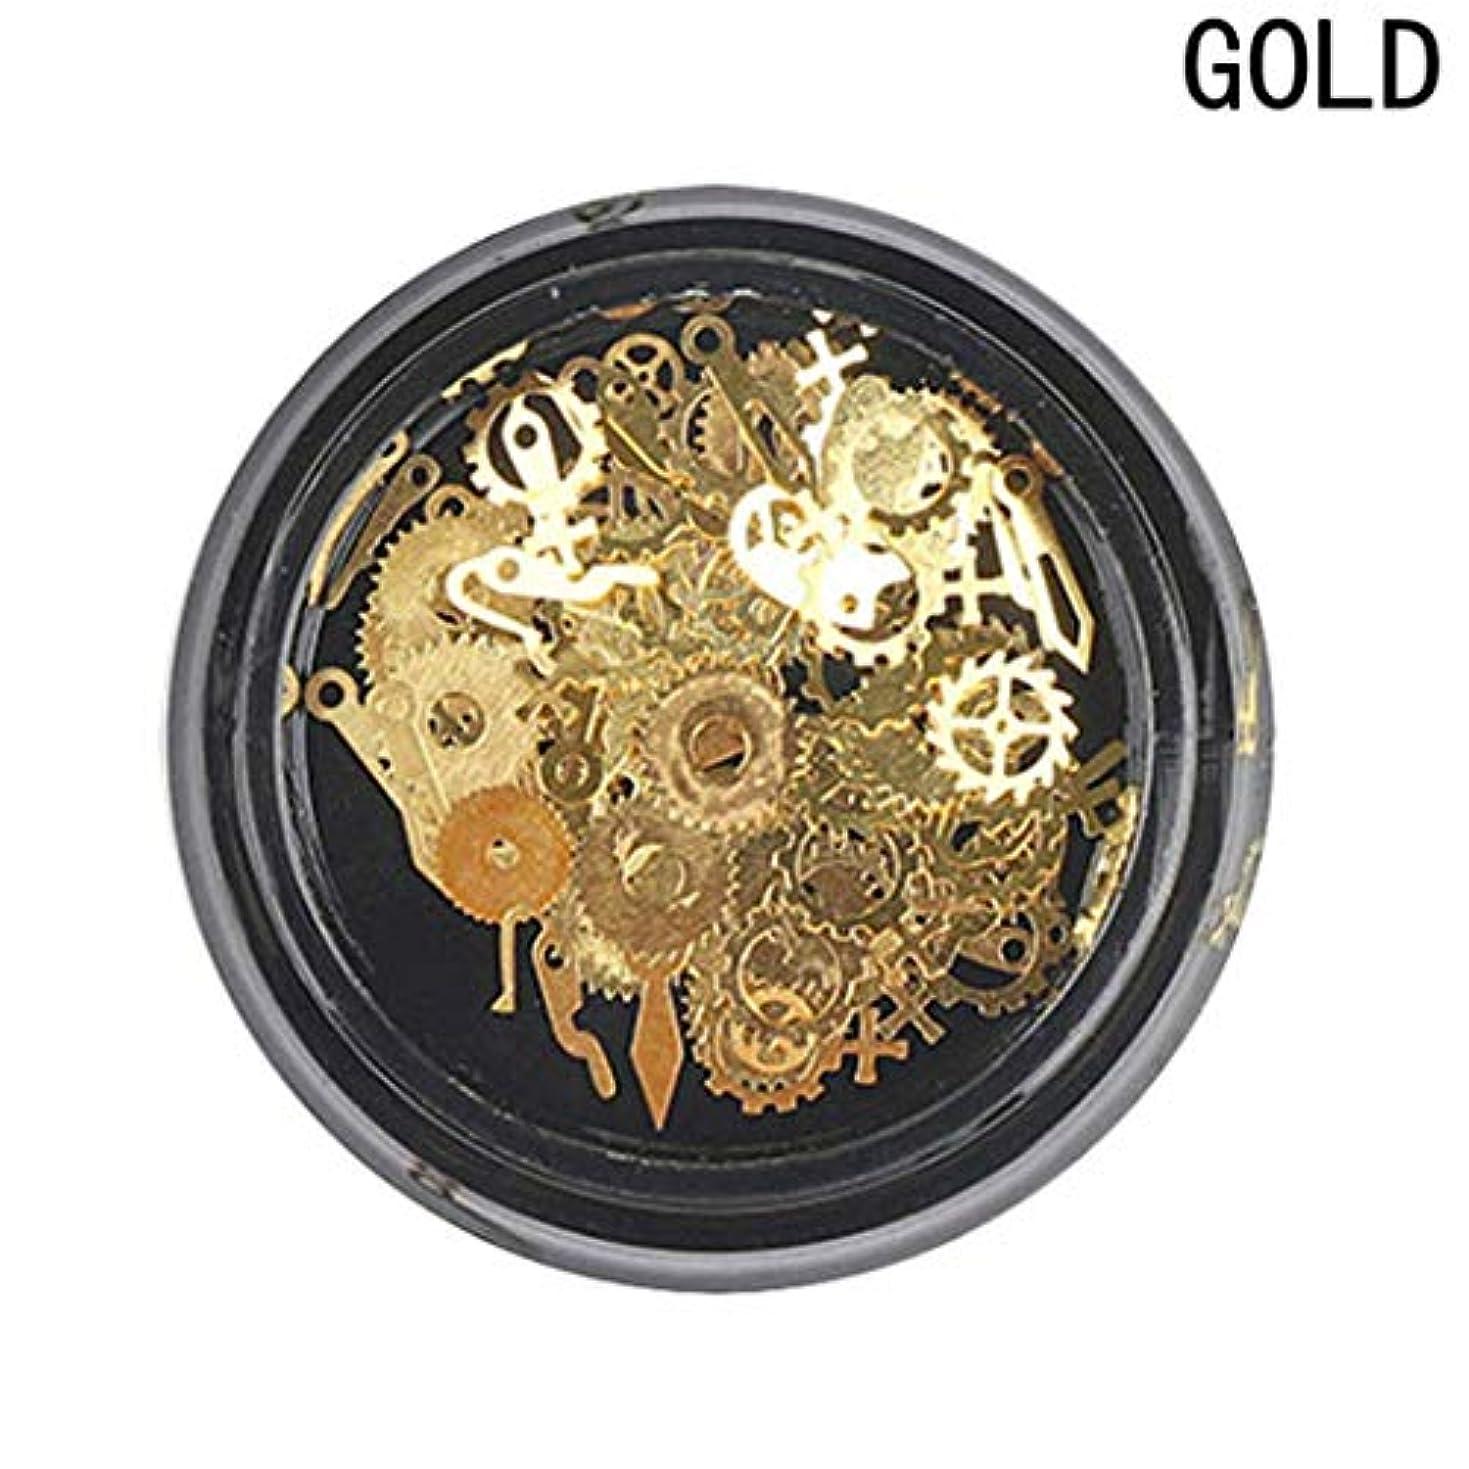 無礼にサンプル経済Wadachikis ベストセラーファッションユニークな合金蒸気パンクギアネイルアート装飾金属スタイルの創造的な女性の爪DIYアクセサリー1ボックス(None golden)